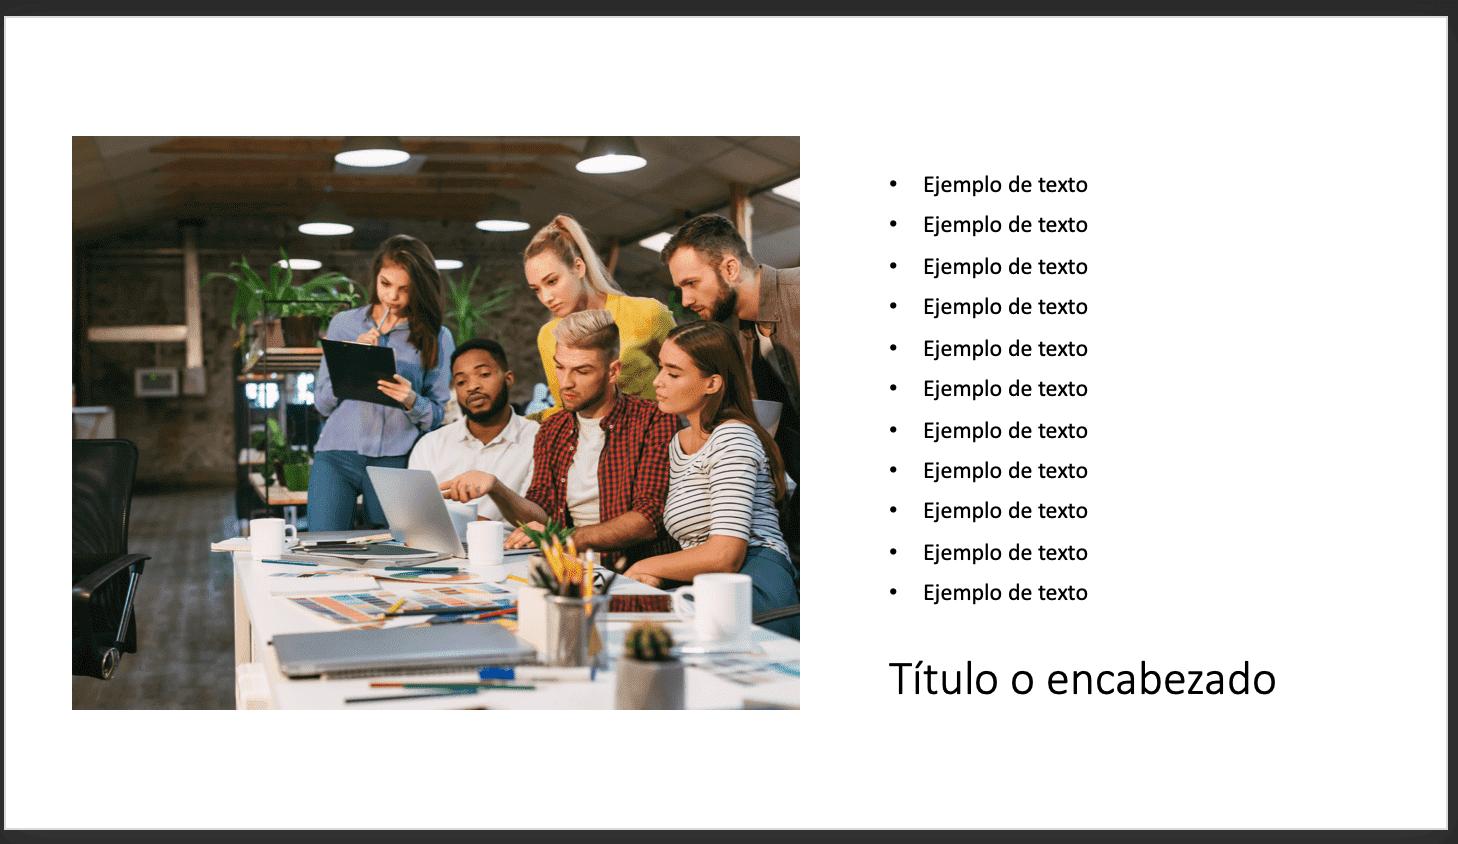 Cómo usar PowerPoint: ubicación de elementos